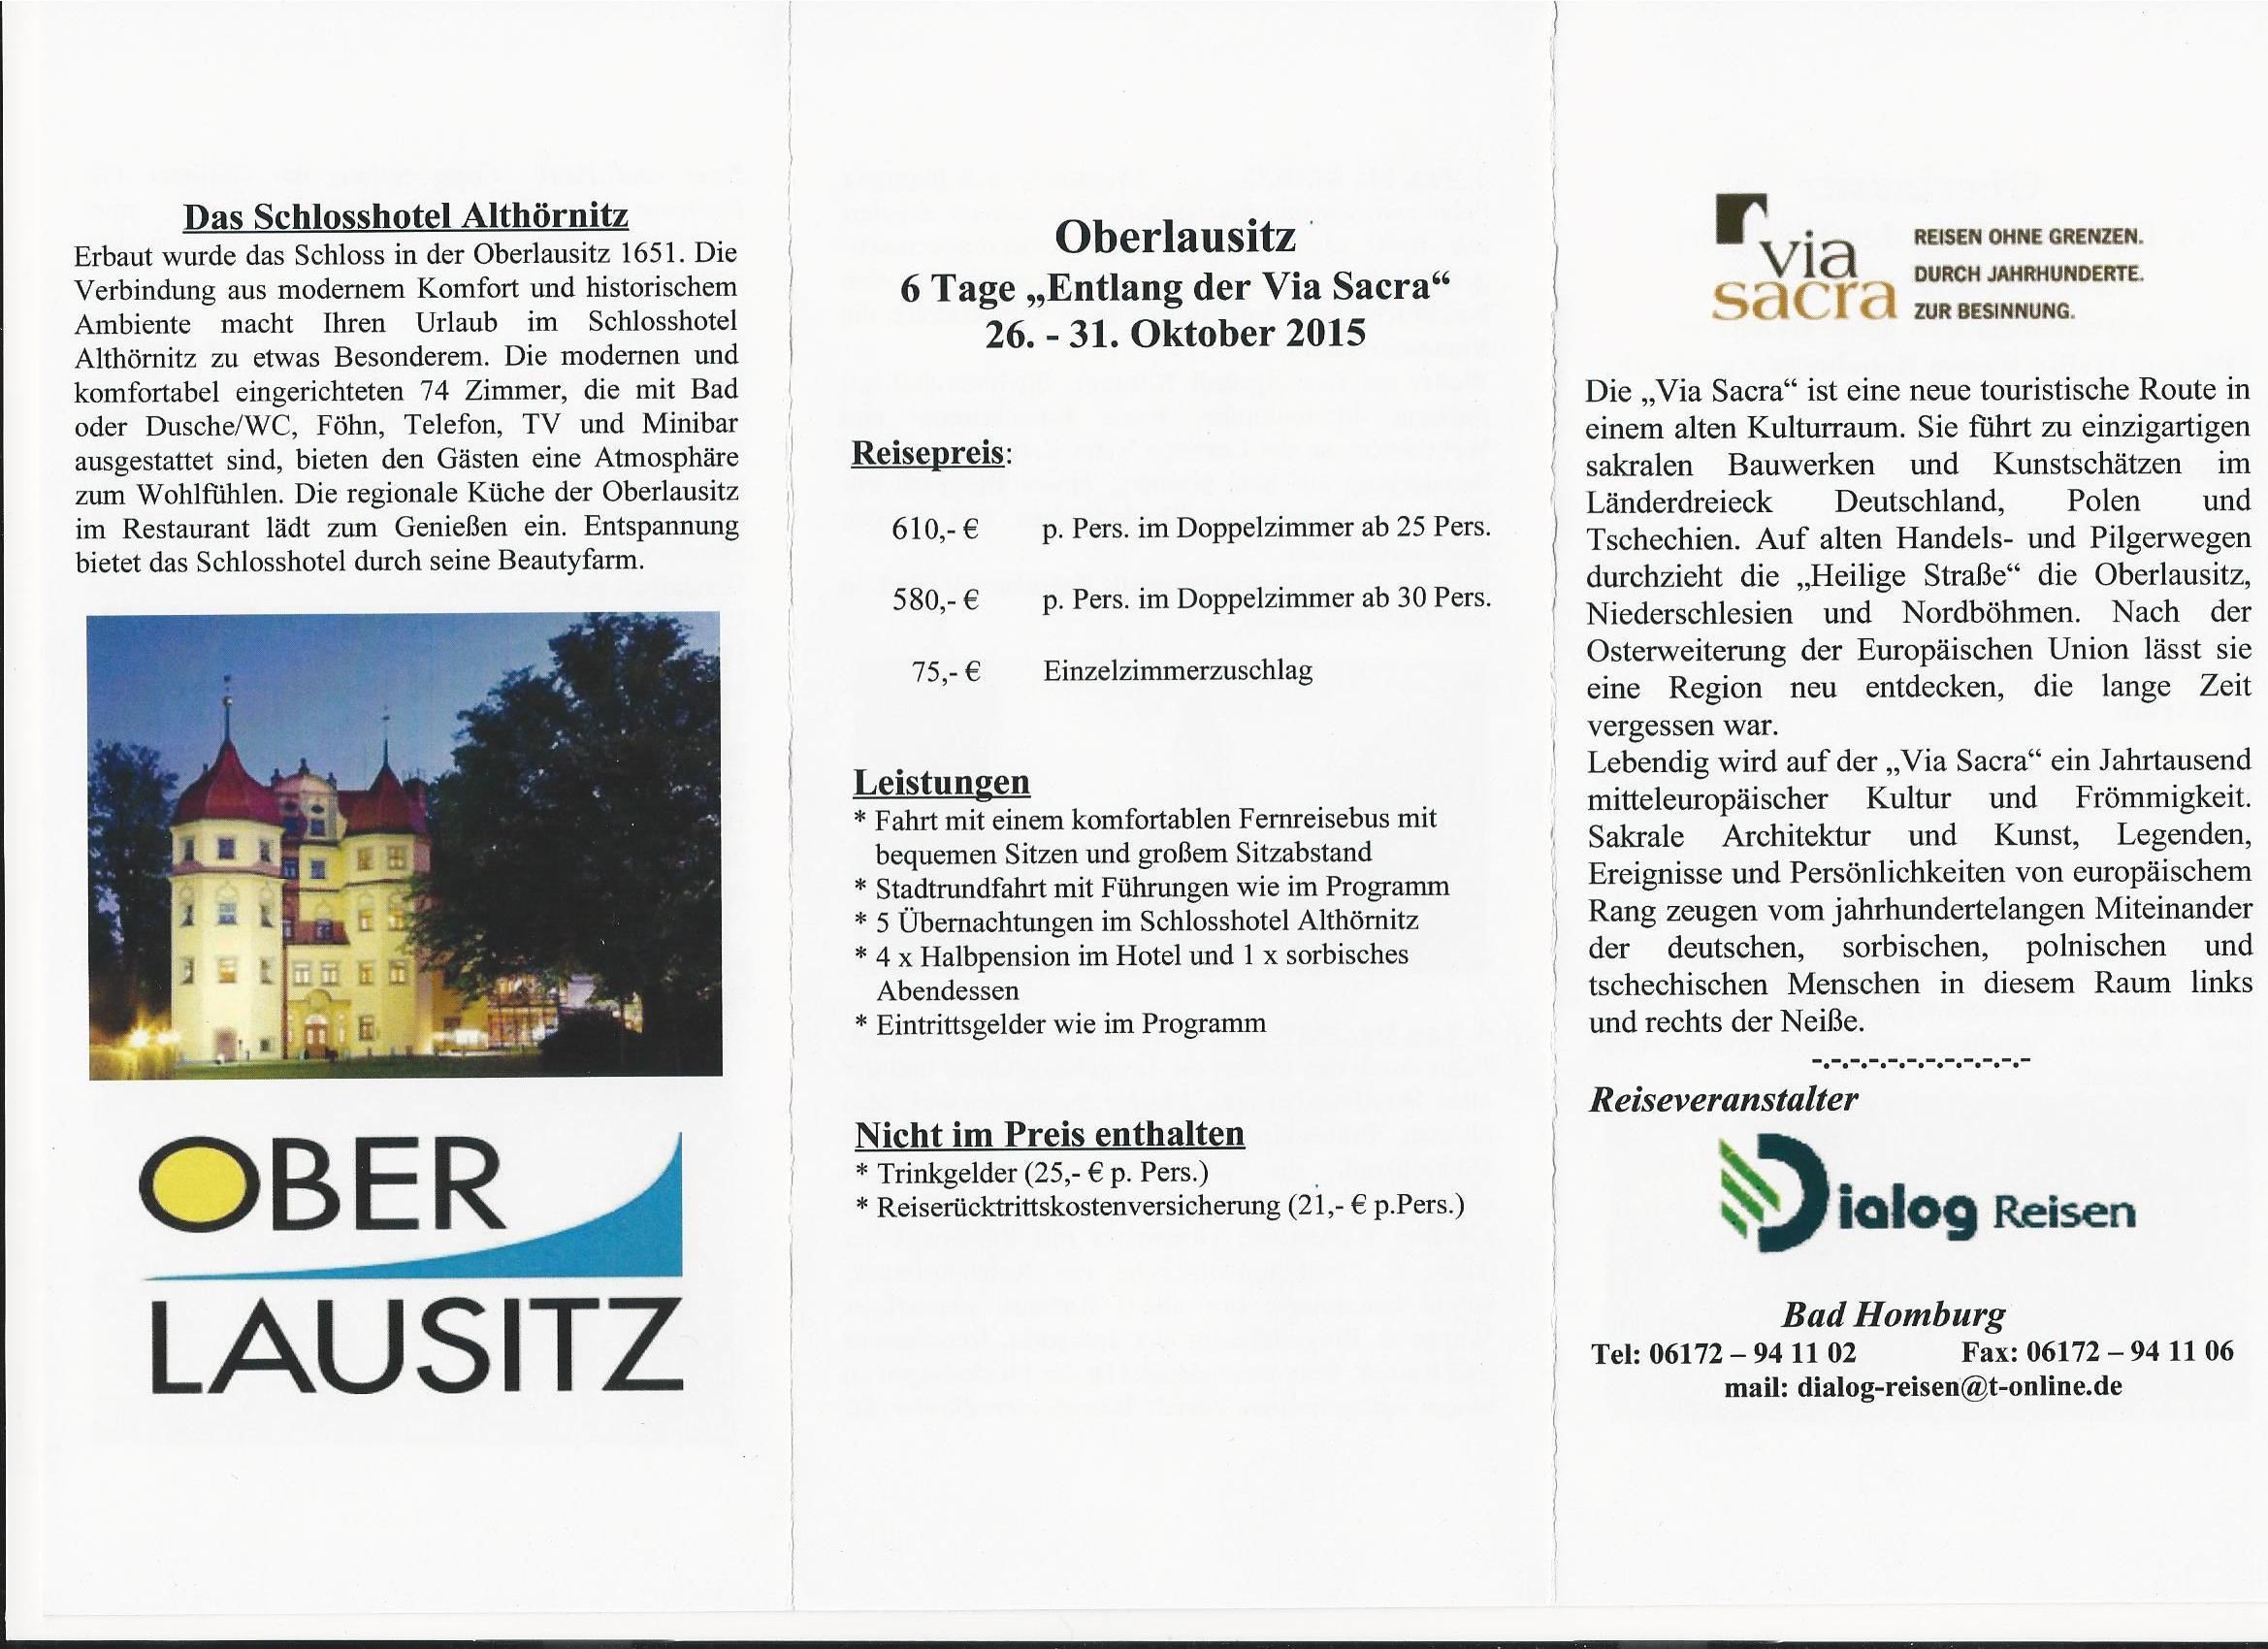 Oberlausitz_1